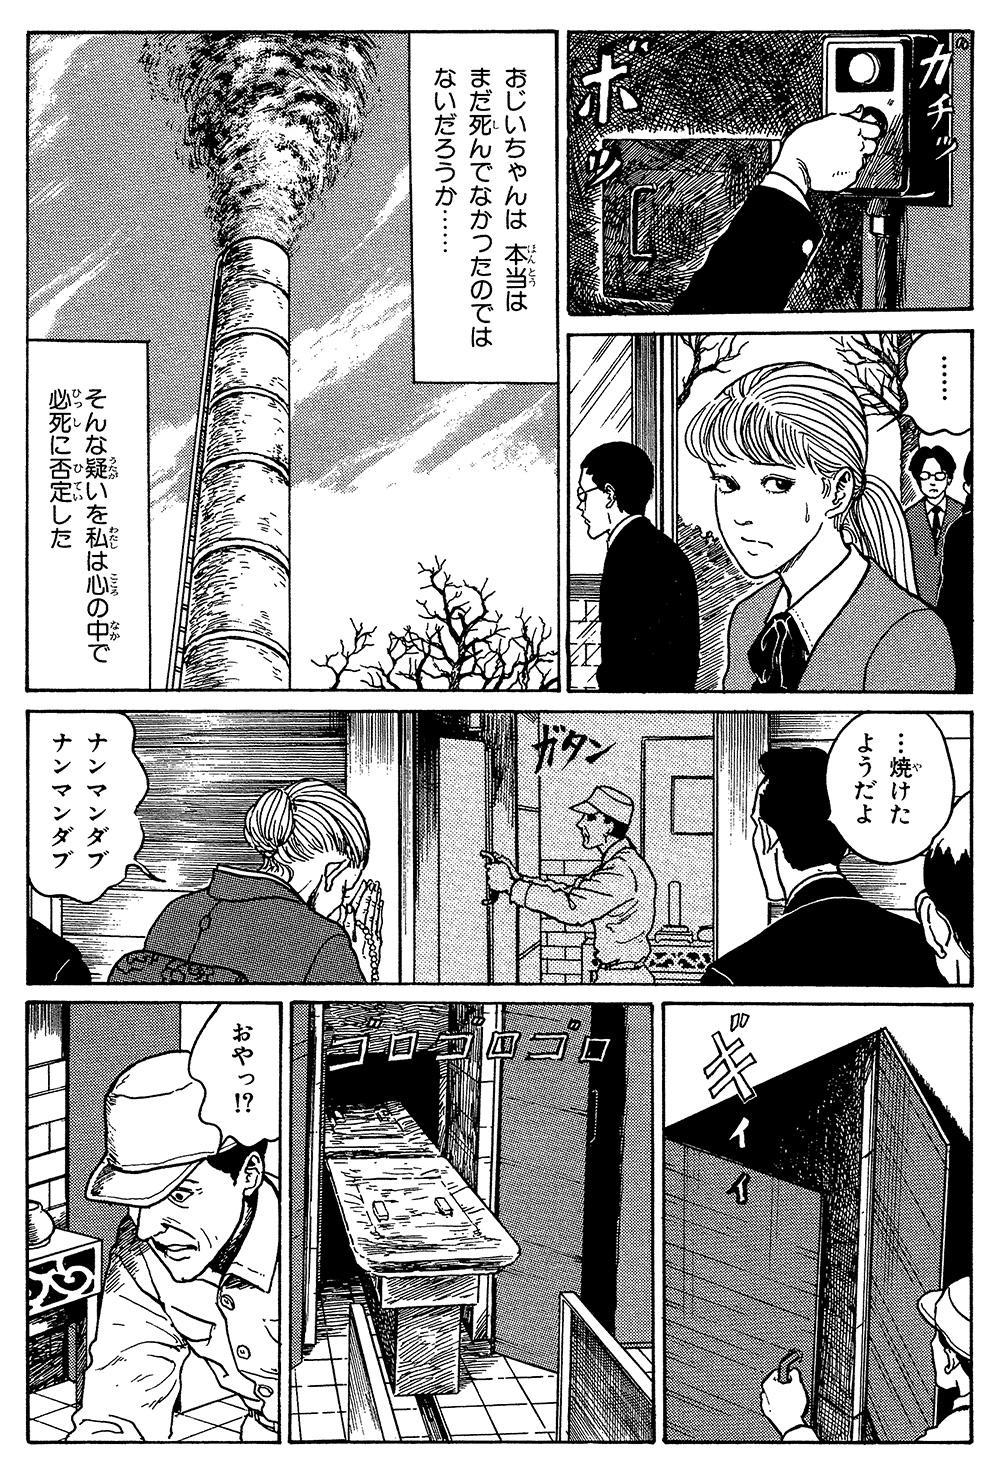 伊藤潤二傑作集「棺桶」①kanoke02-09.jpg